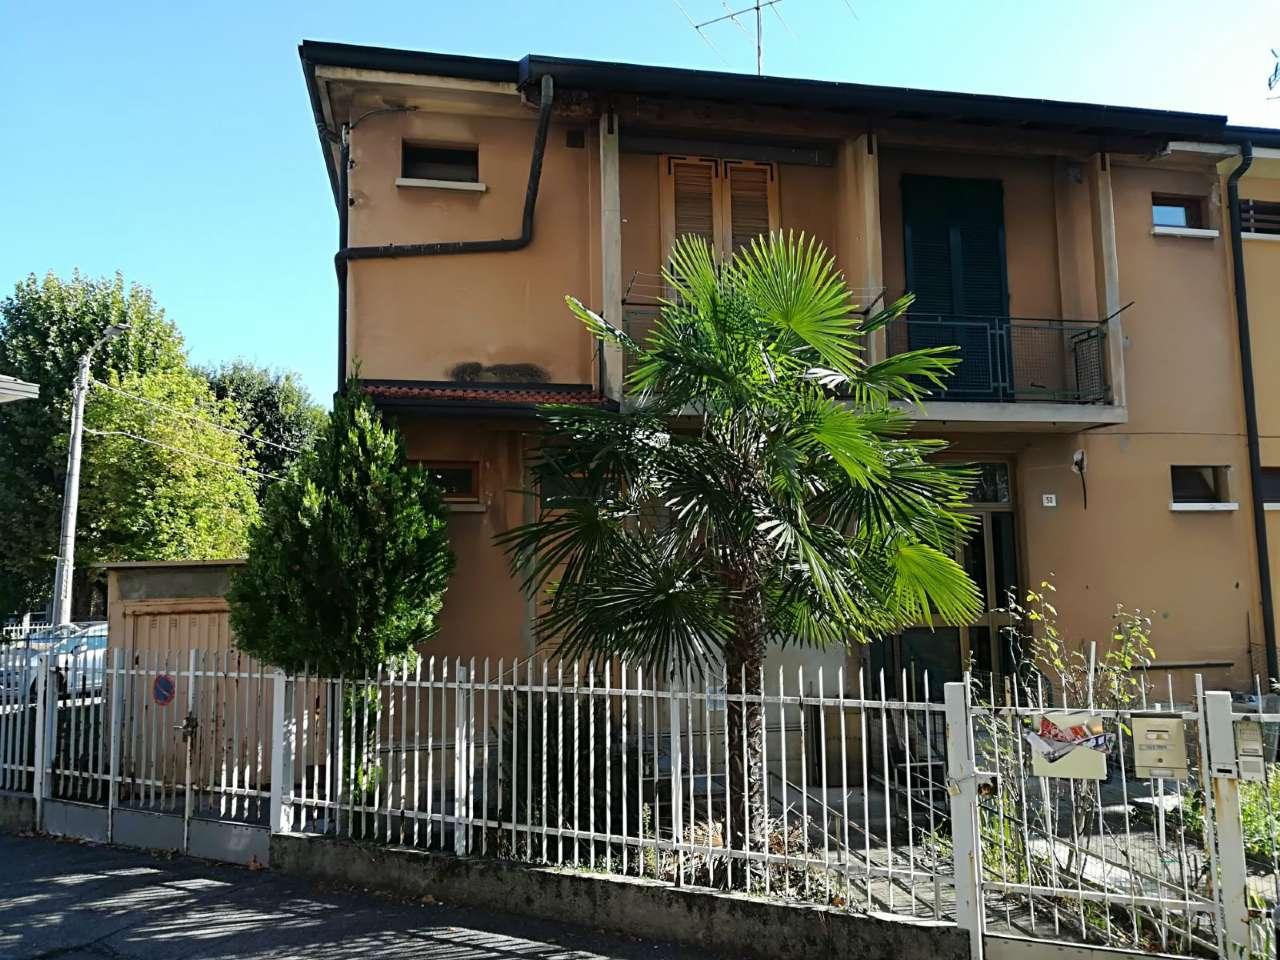 Soluzione Indipendente in vendita a Seveso, 3 locali, prezzo € 150.000 | CambioCasa.it